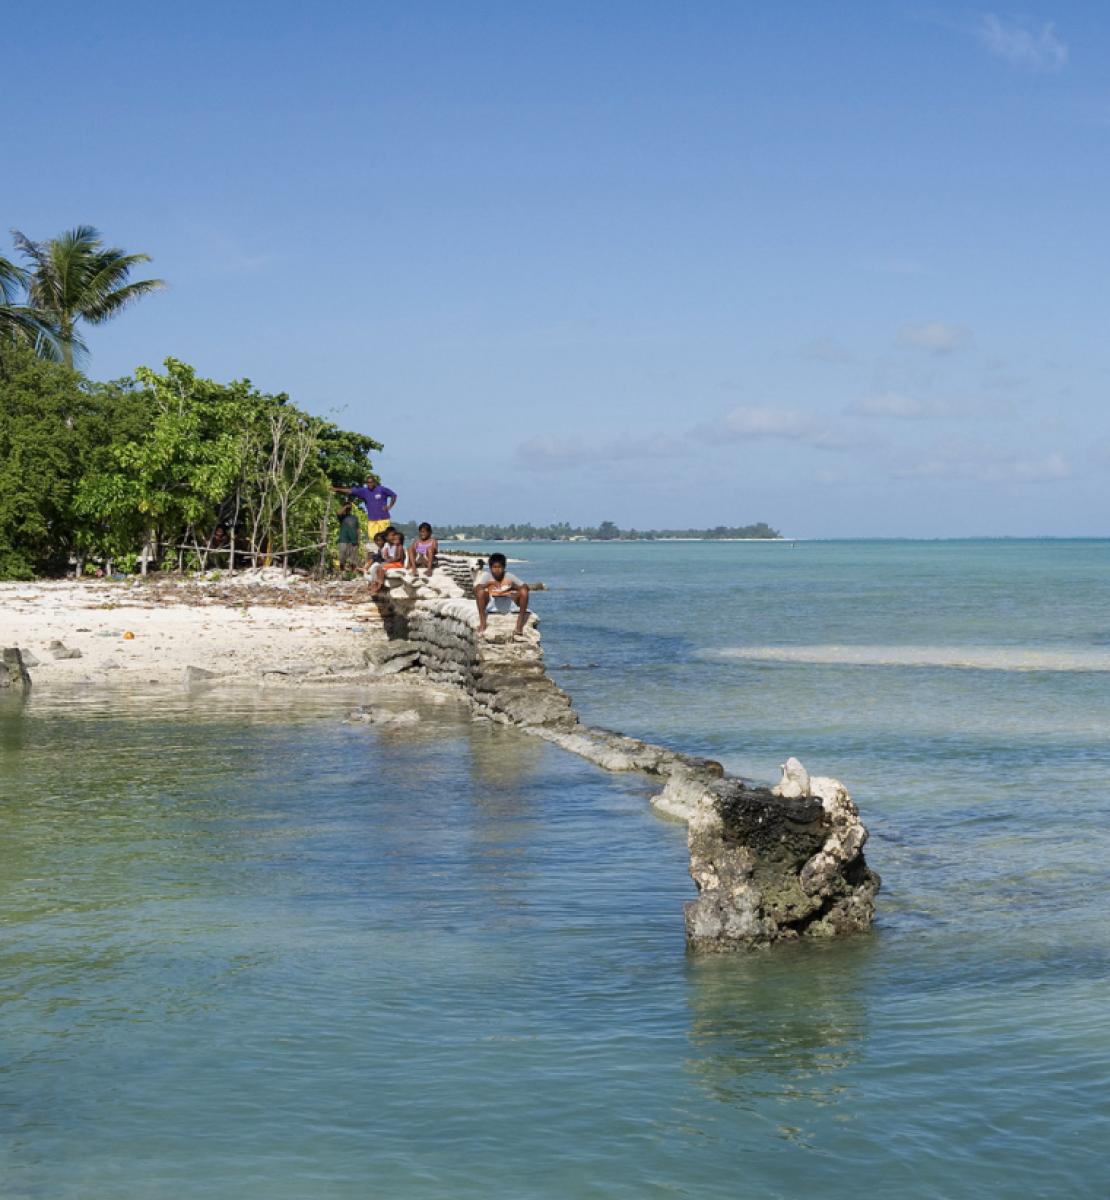 Изображение океана и нескольких людей, стоящих на острове в солнечный день.